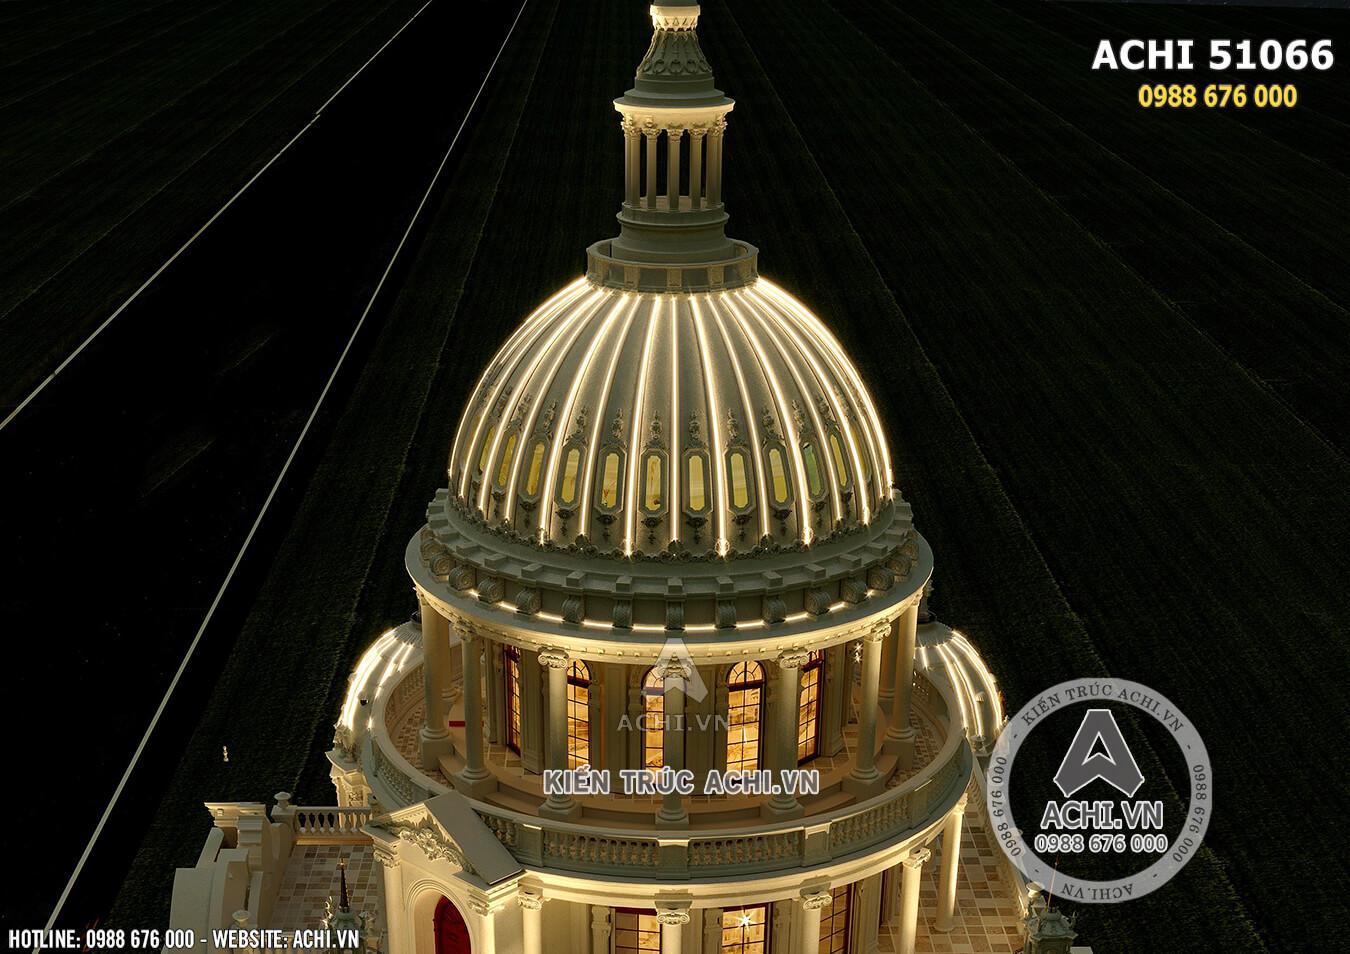 Kiến trúc mái vòm huyền thoại làm nên đặc trưng của thiết kế lâu đài dinh thự đẹp